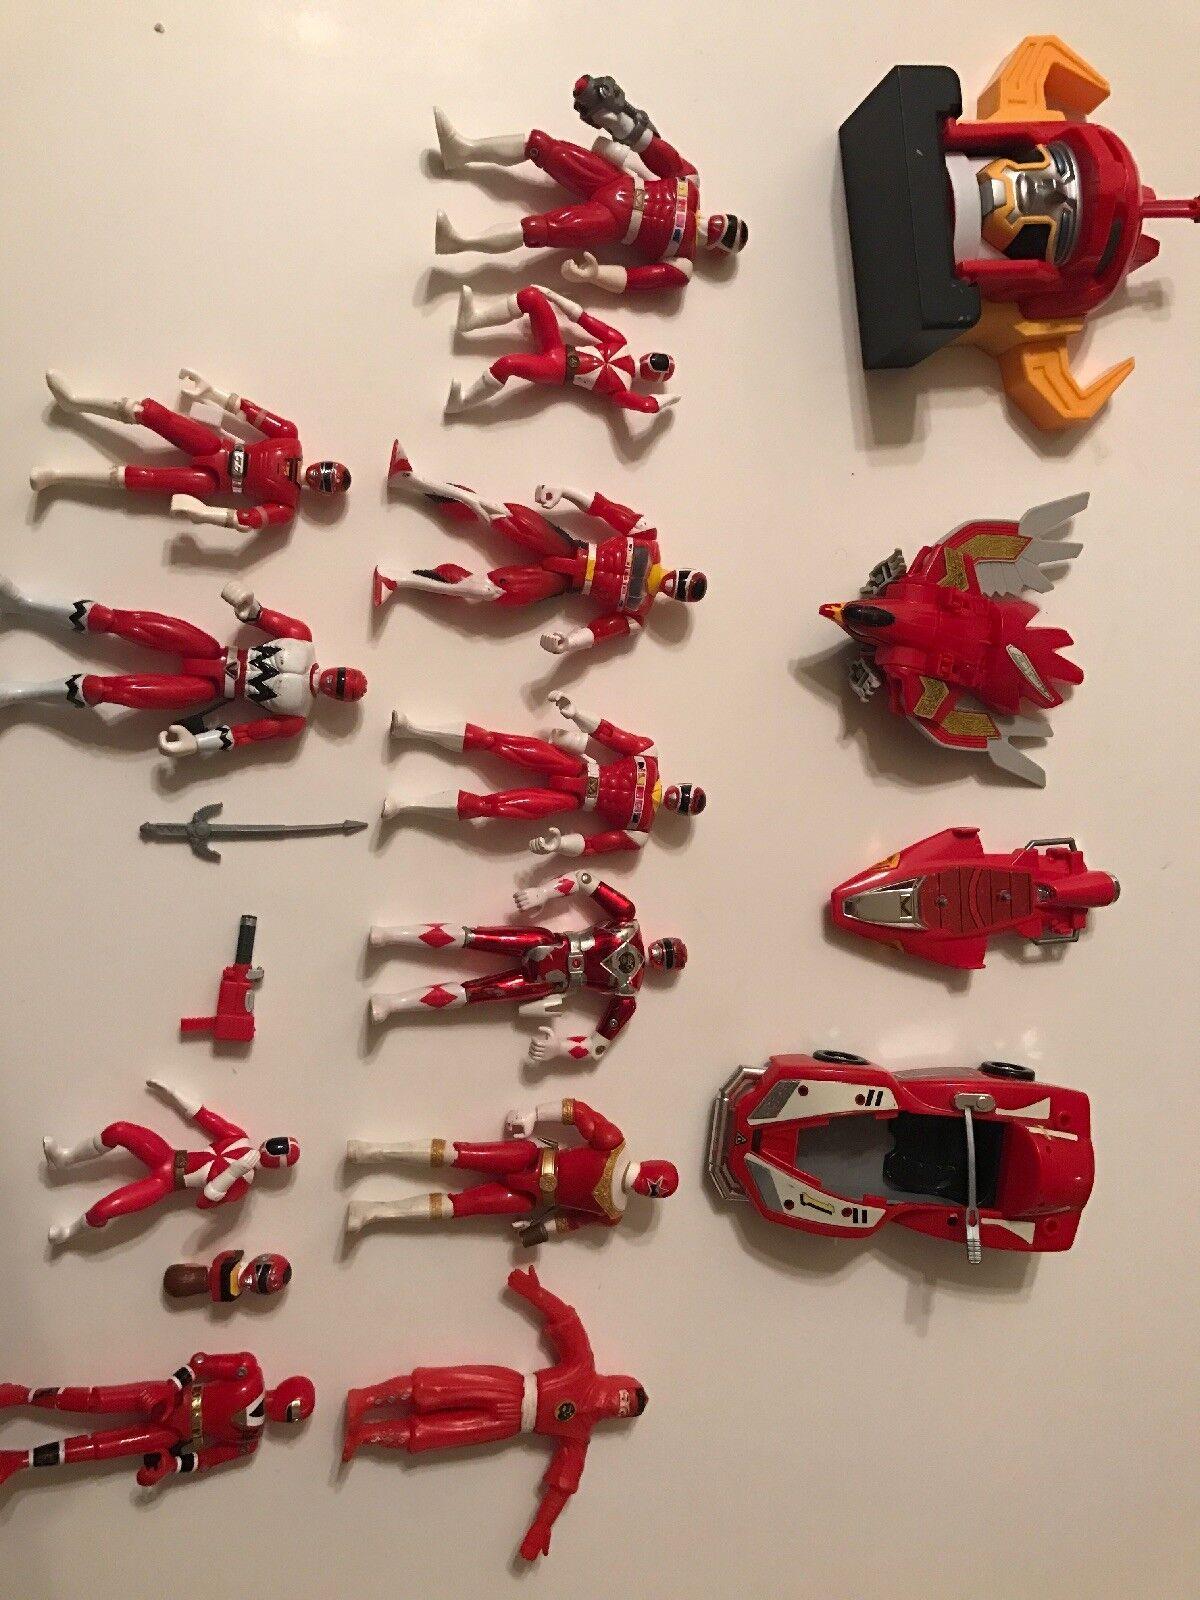 Power Ranger ROT Ranger set of toys RARE